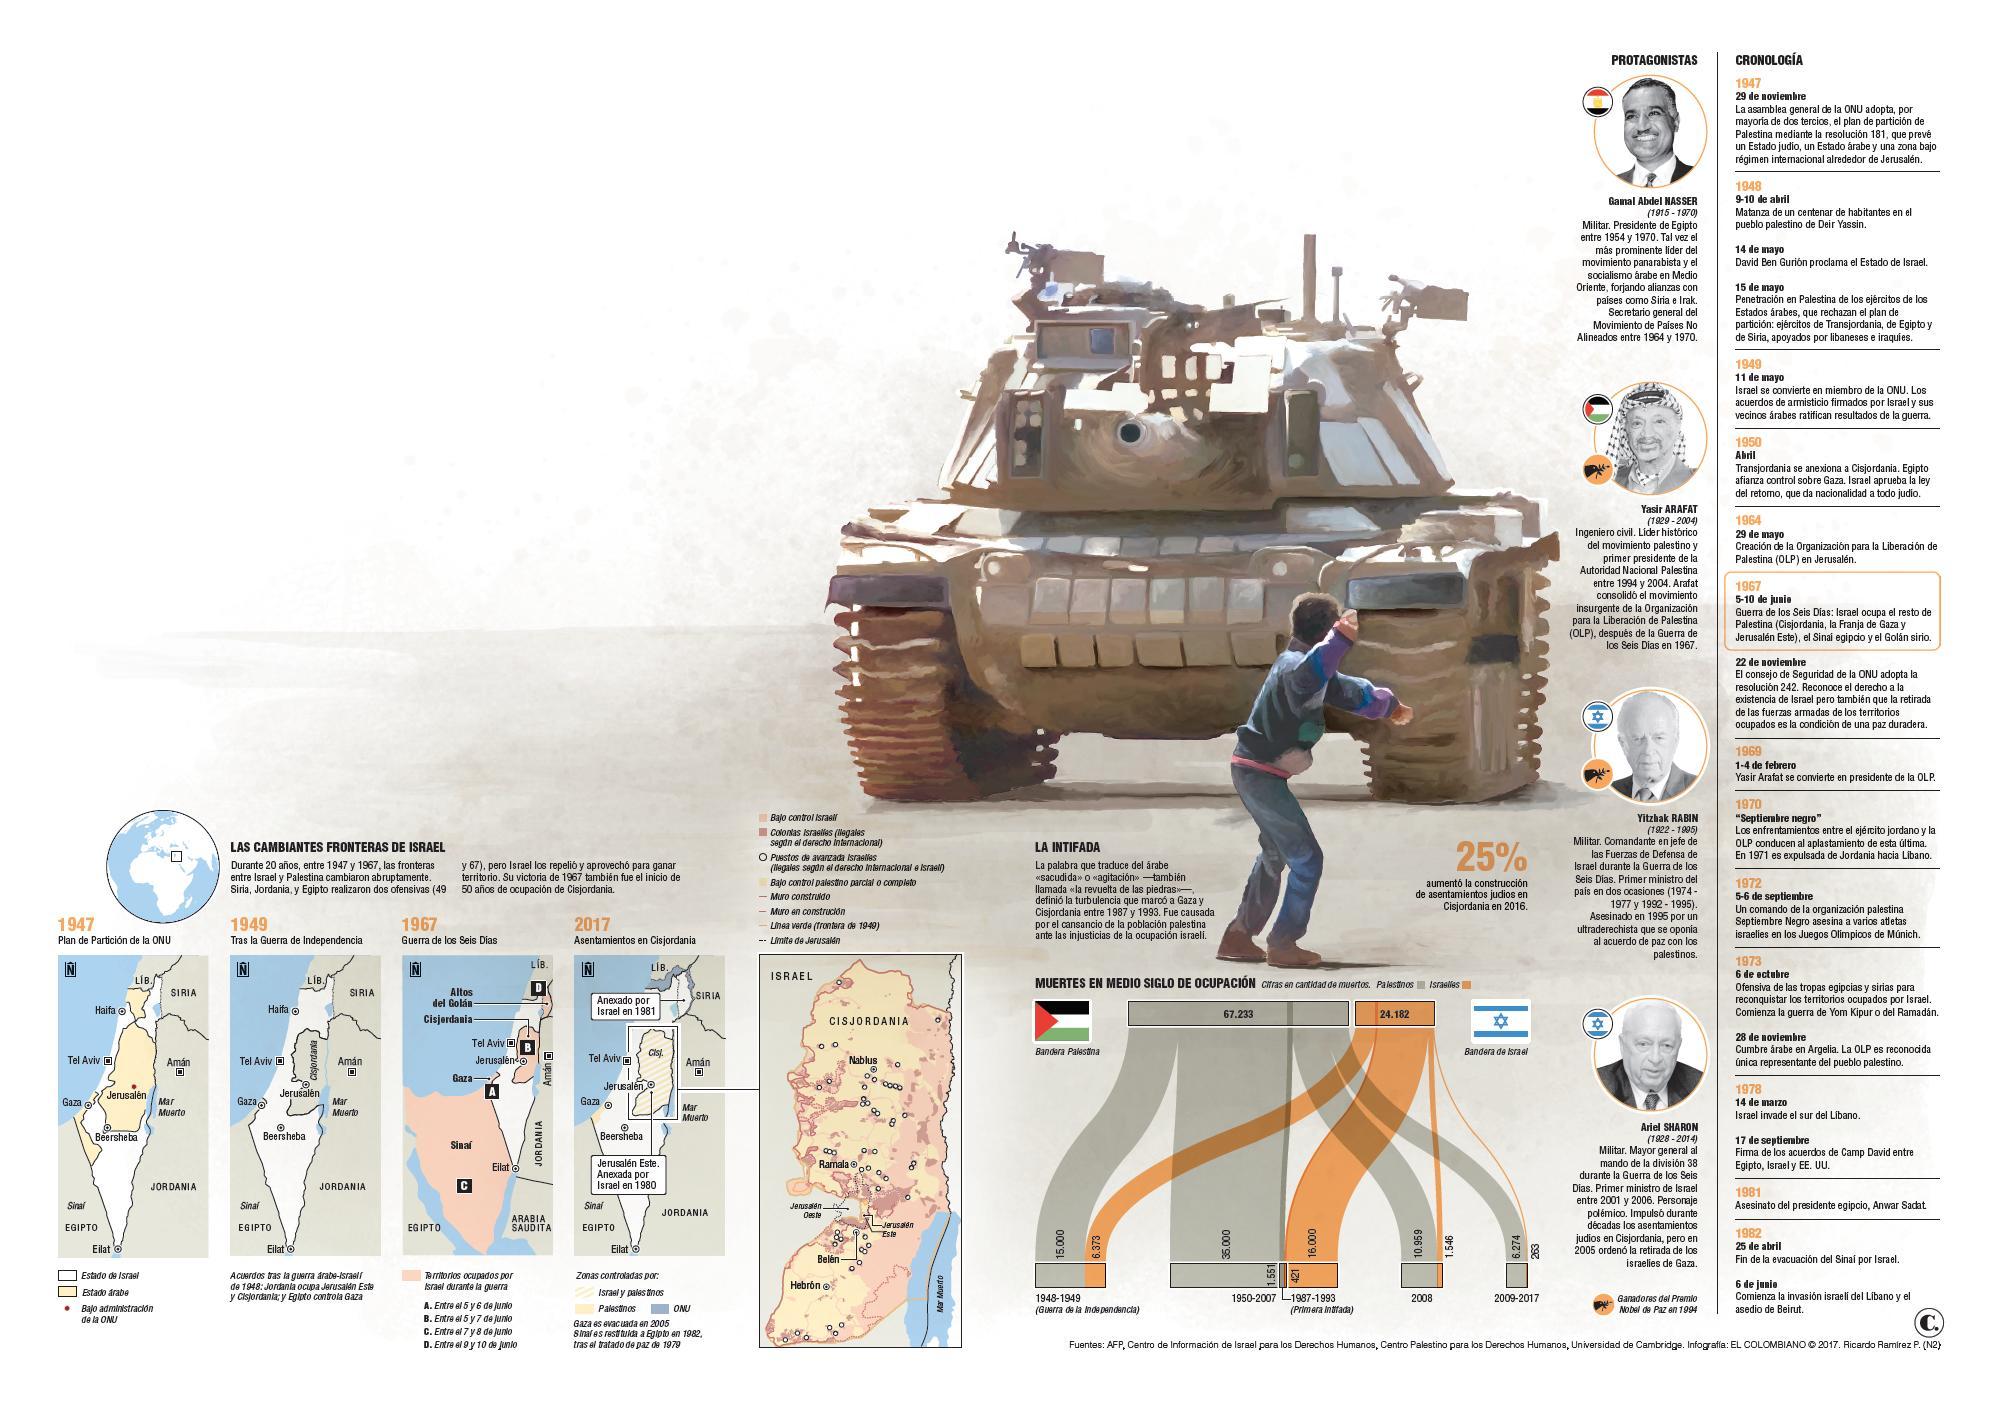 La guerra que blindó a Israel y que ocupó a Palestina